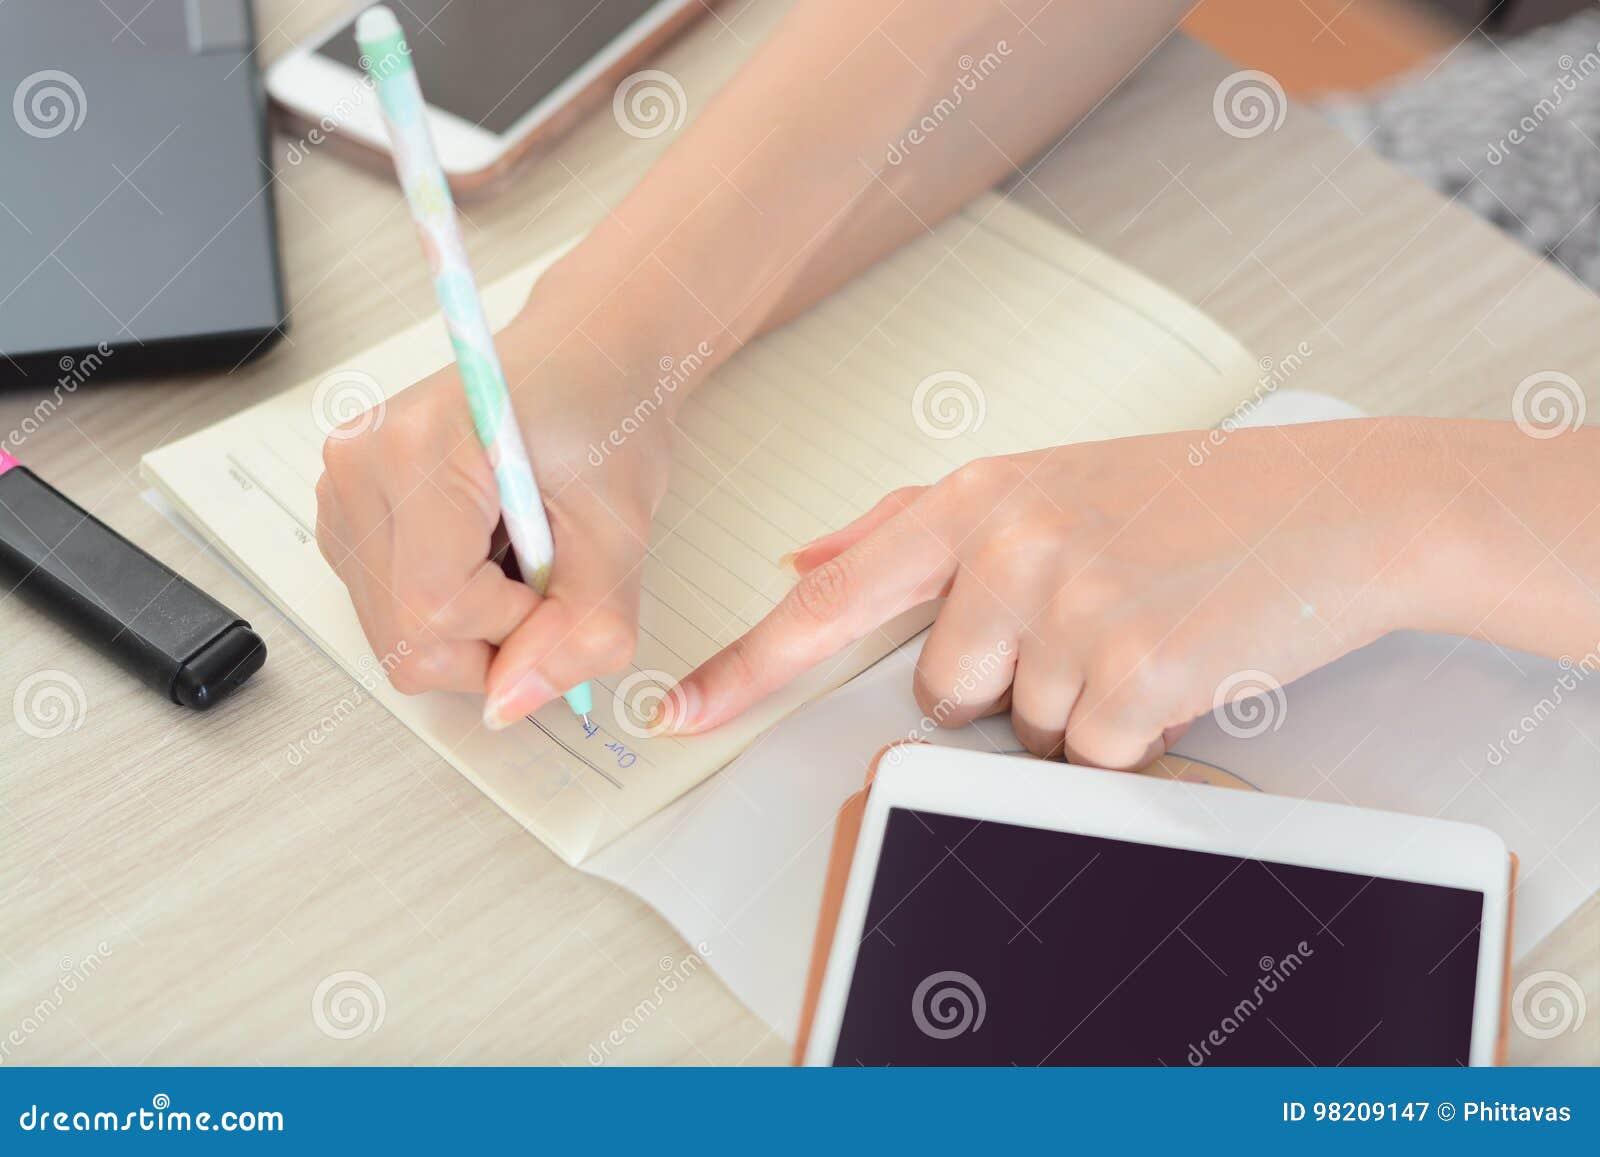 Close-up van het Document van Studentenhands writing on